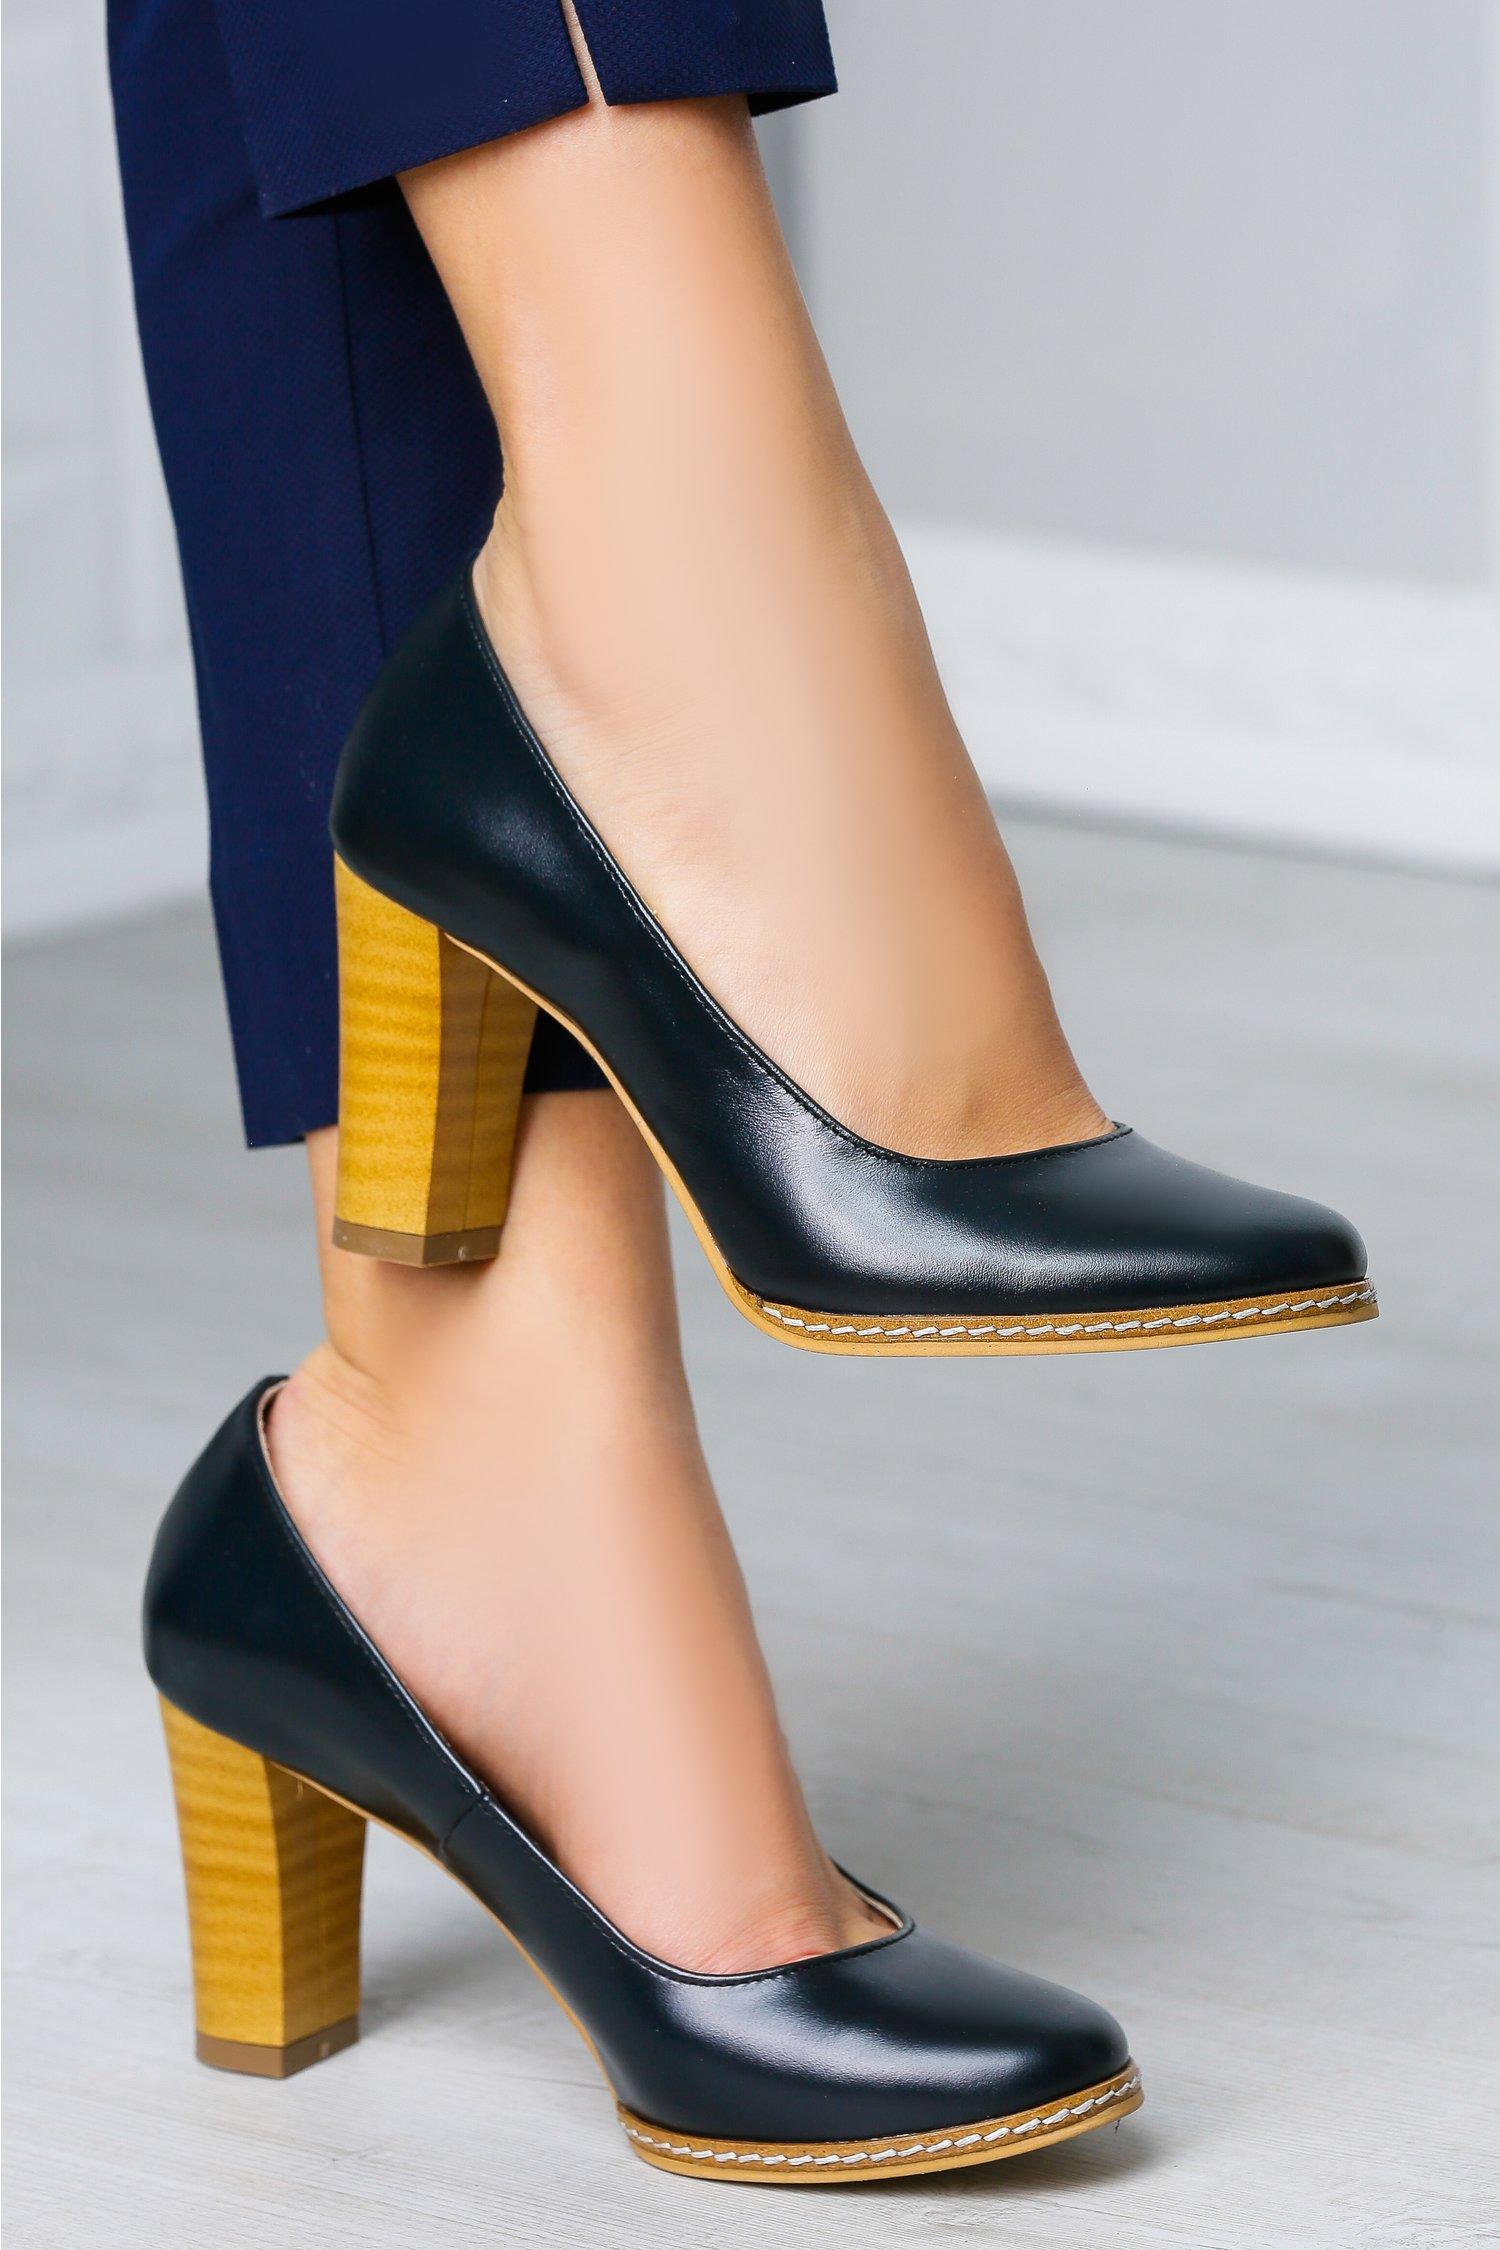 Pantofi Arabela bleumarin office cu toc maro, colectia 2018